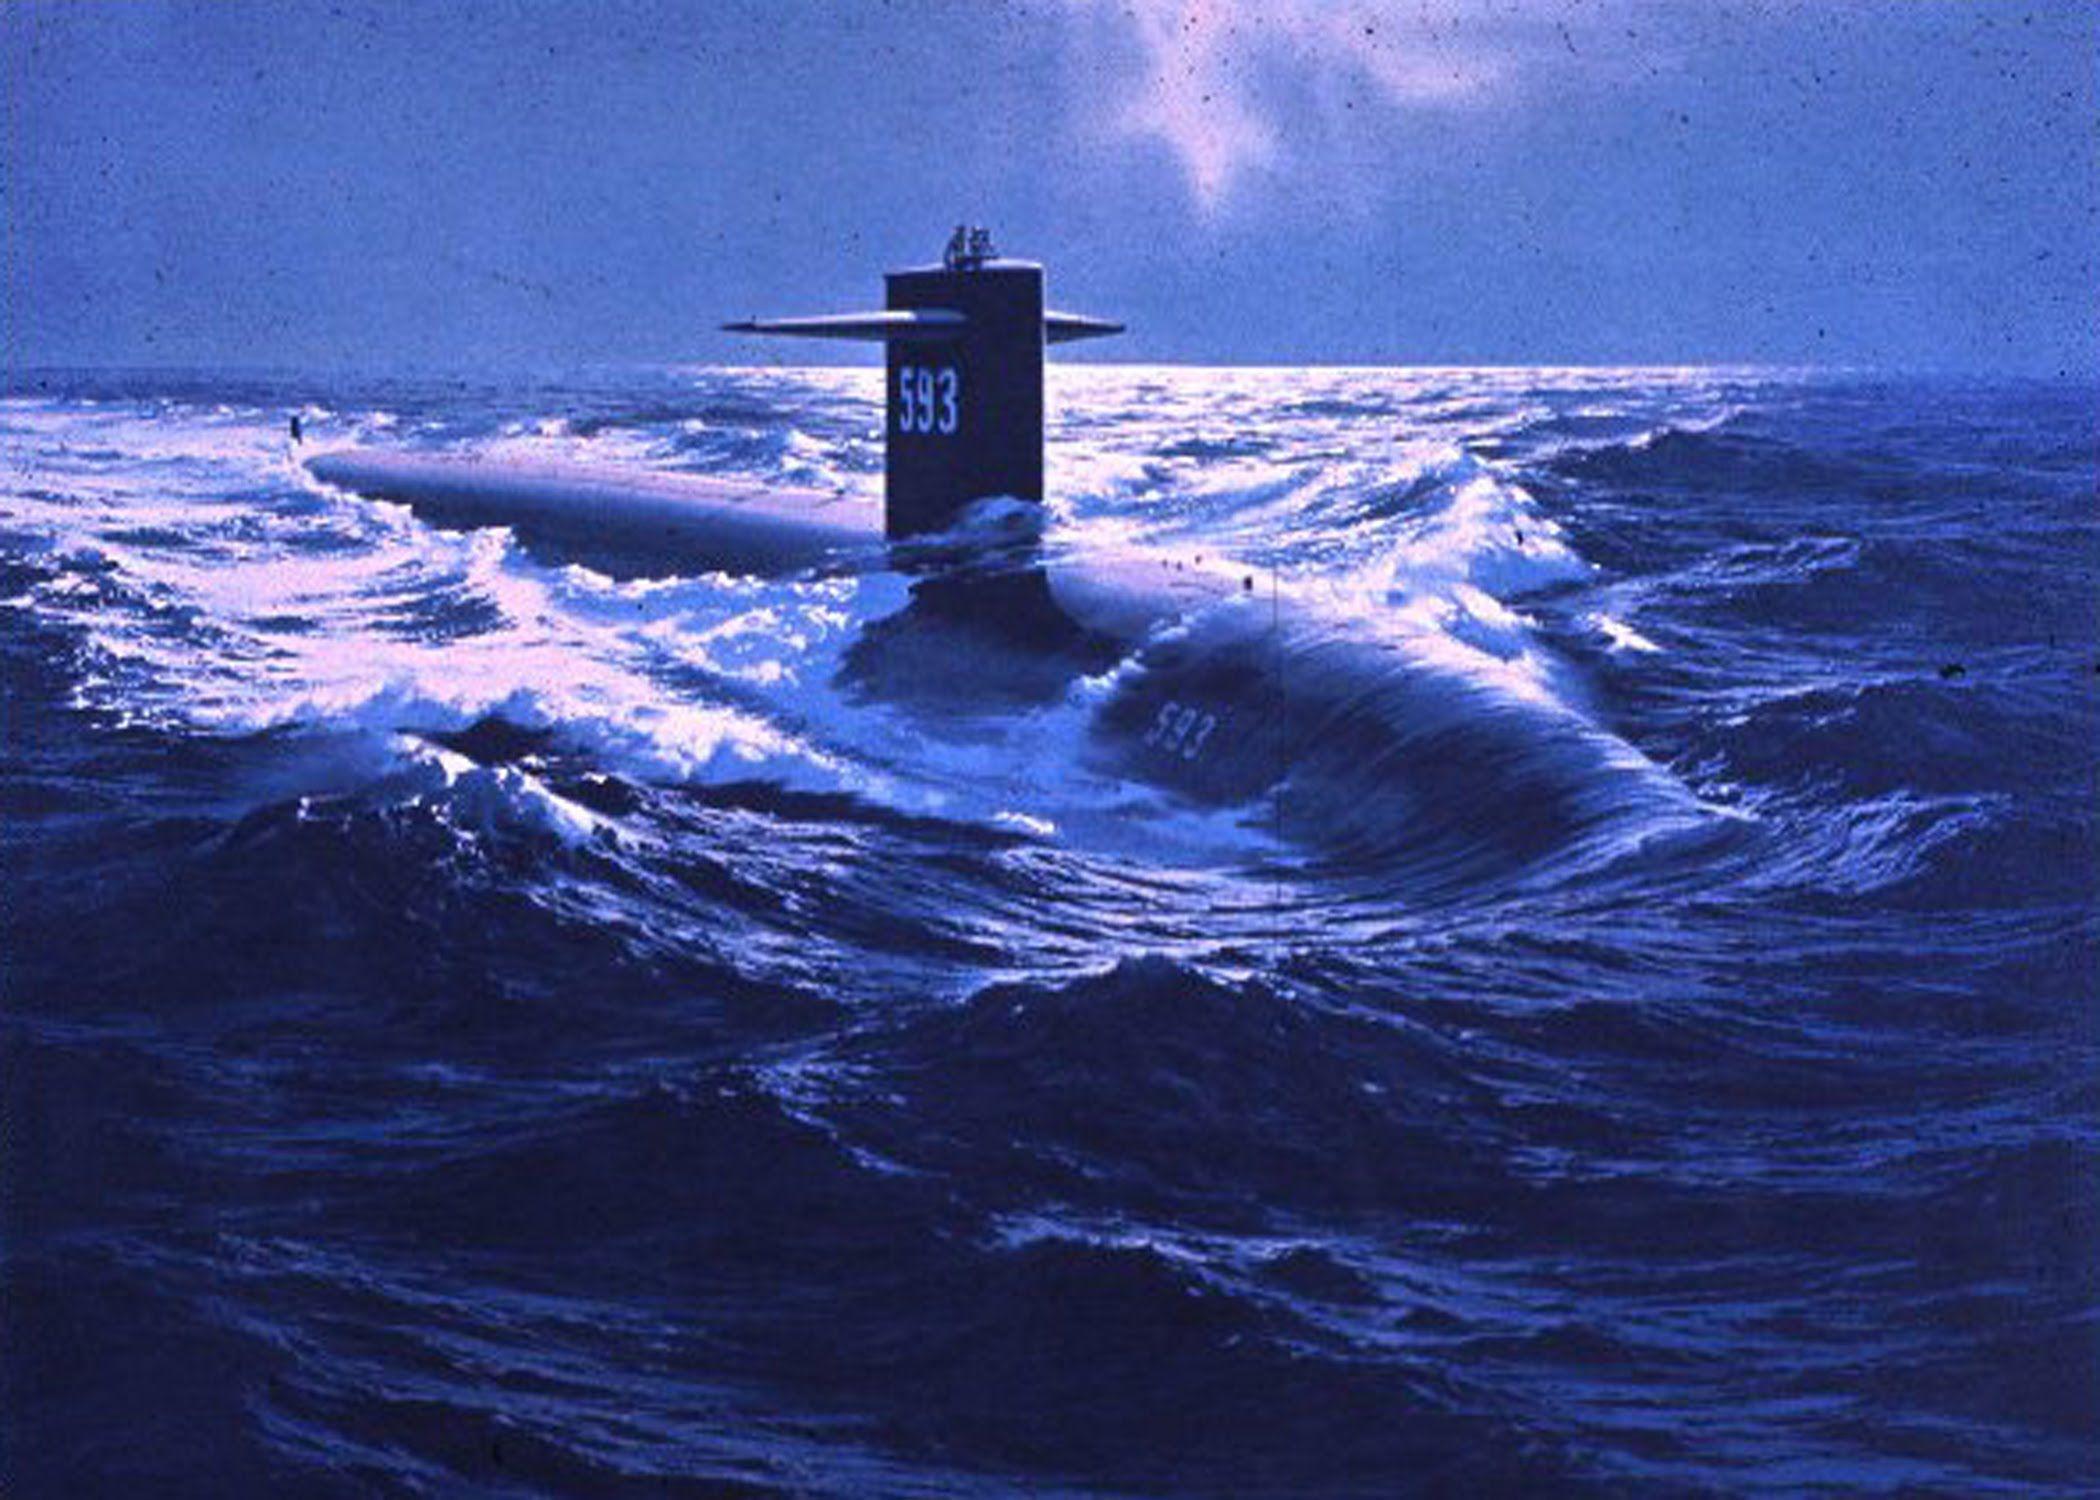 4. Loss of Submarine USS Thresher